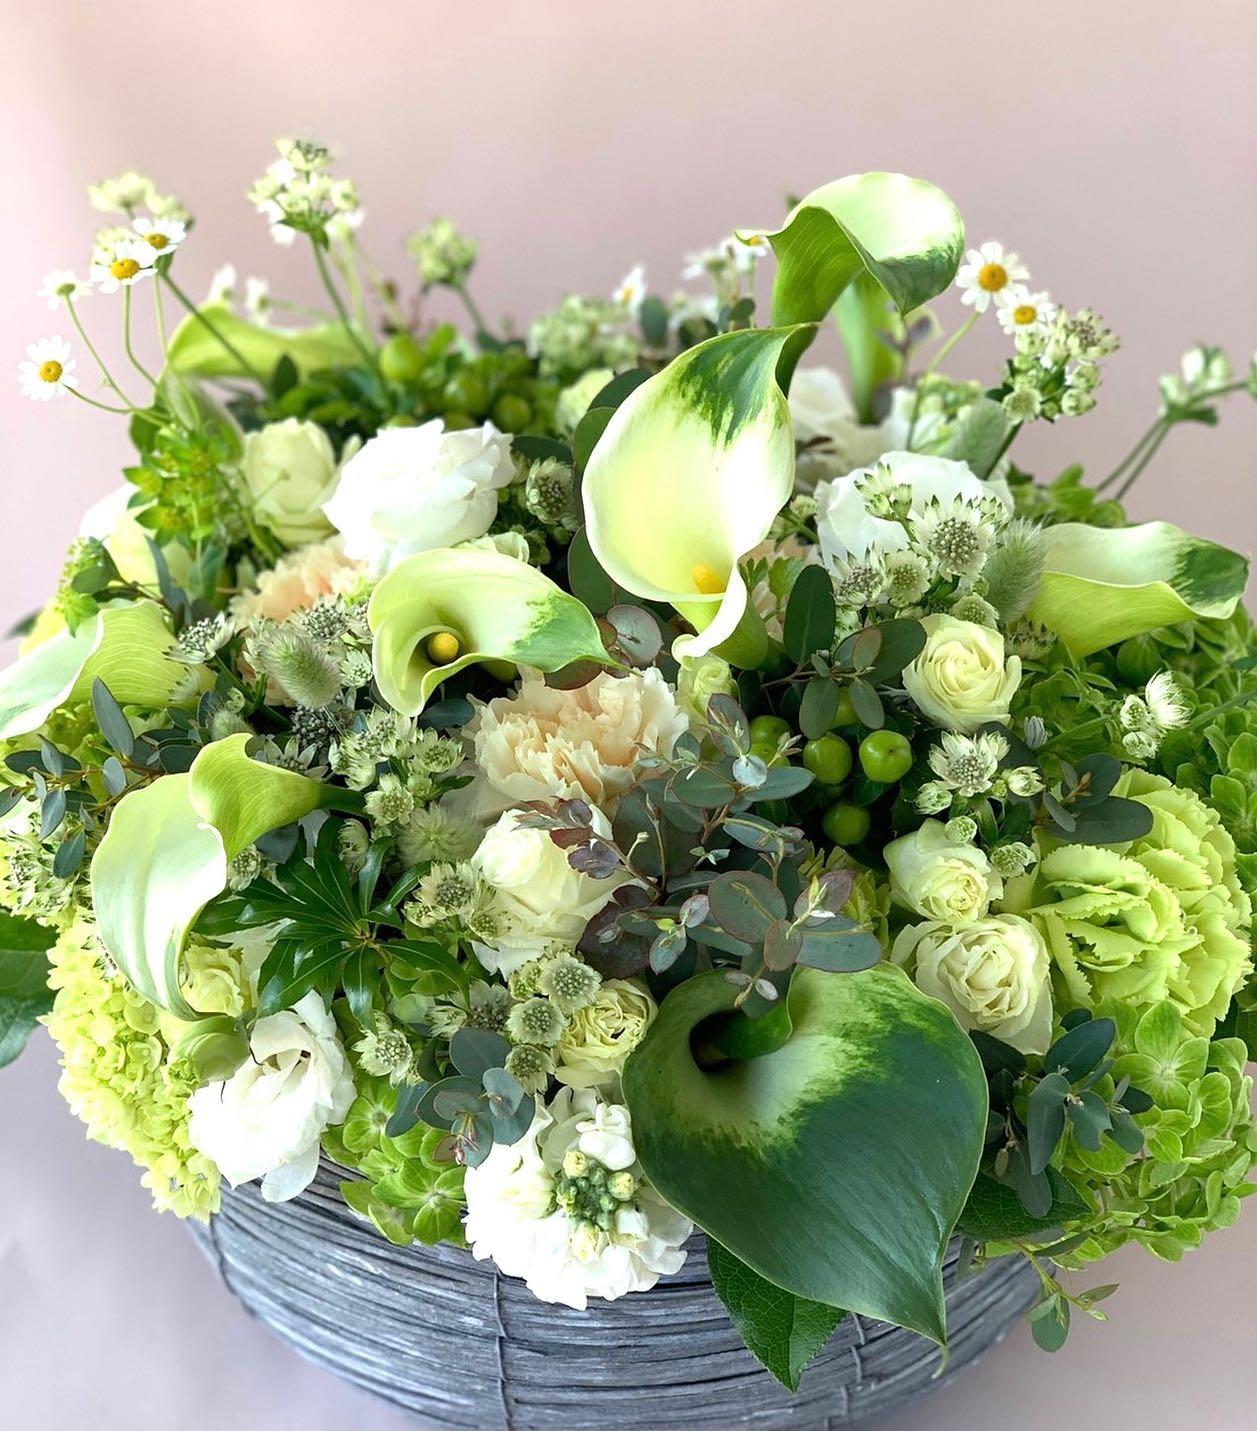 白、グリーンのアレンジメントお供え用です。花粉症の季節です花屋で花粉症は辛すぎる#お供えアレンジメント #グリーンカラー #アストラんティア #マトリカリア#ブプレニューム#ヒカリカ